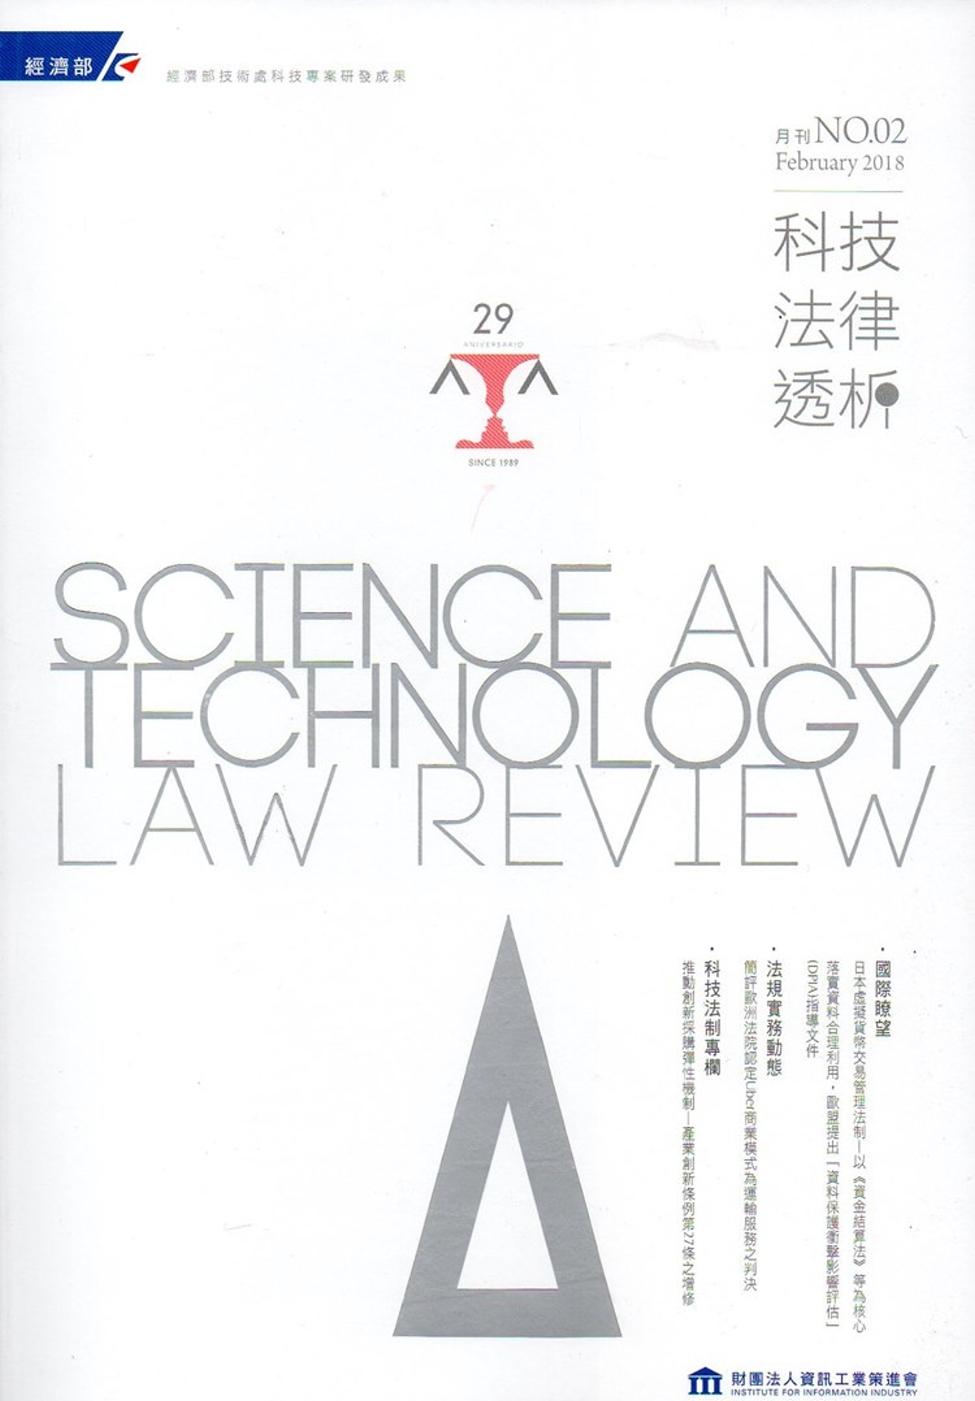 科技法律透析月刊第30卷第02期